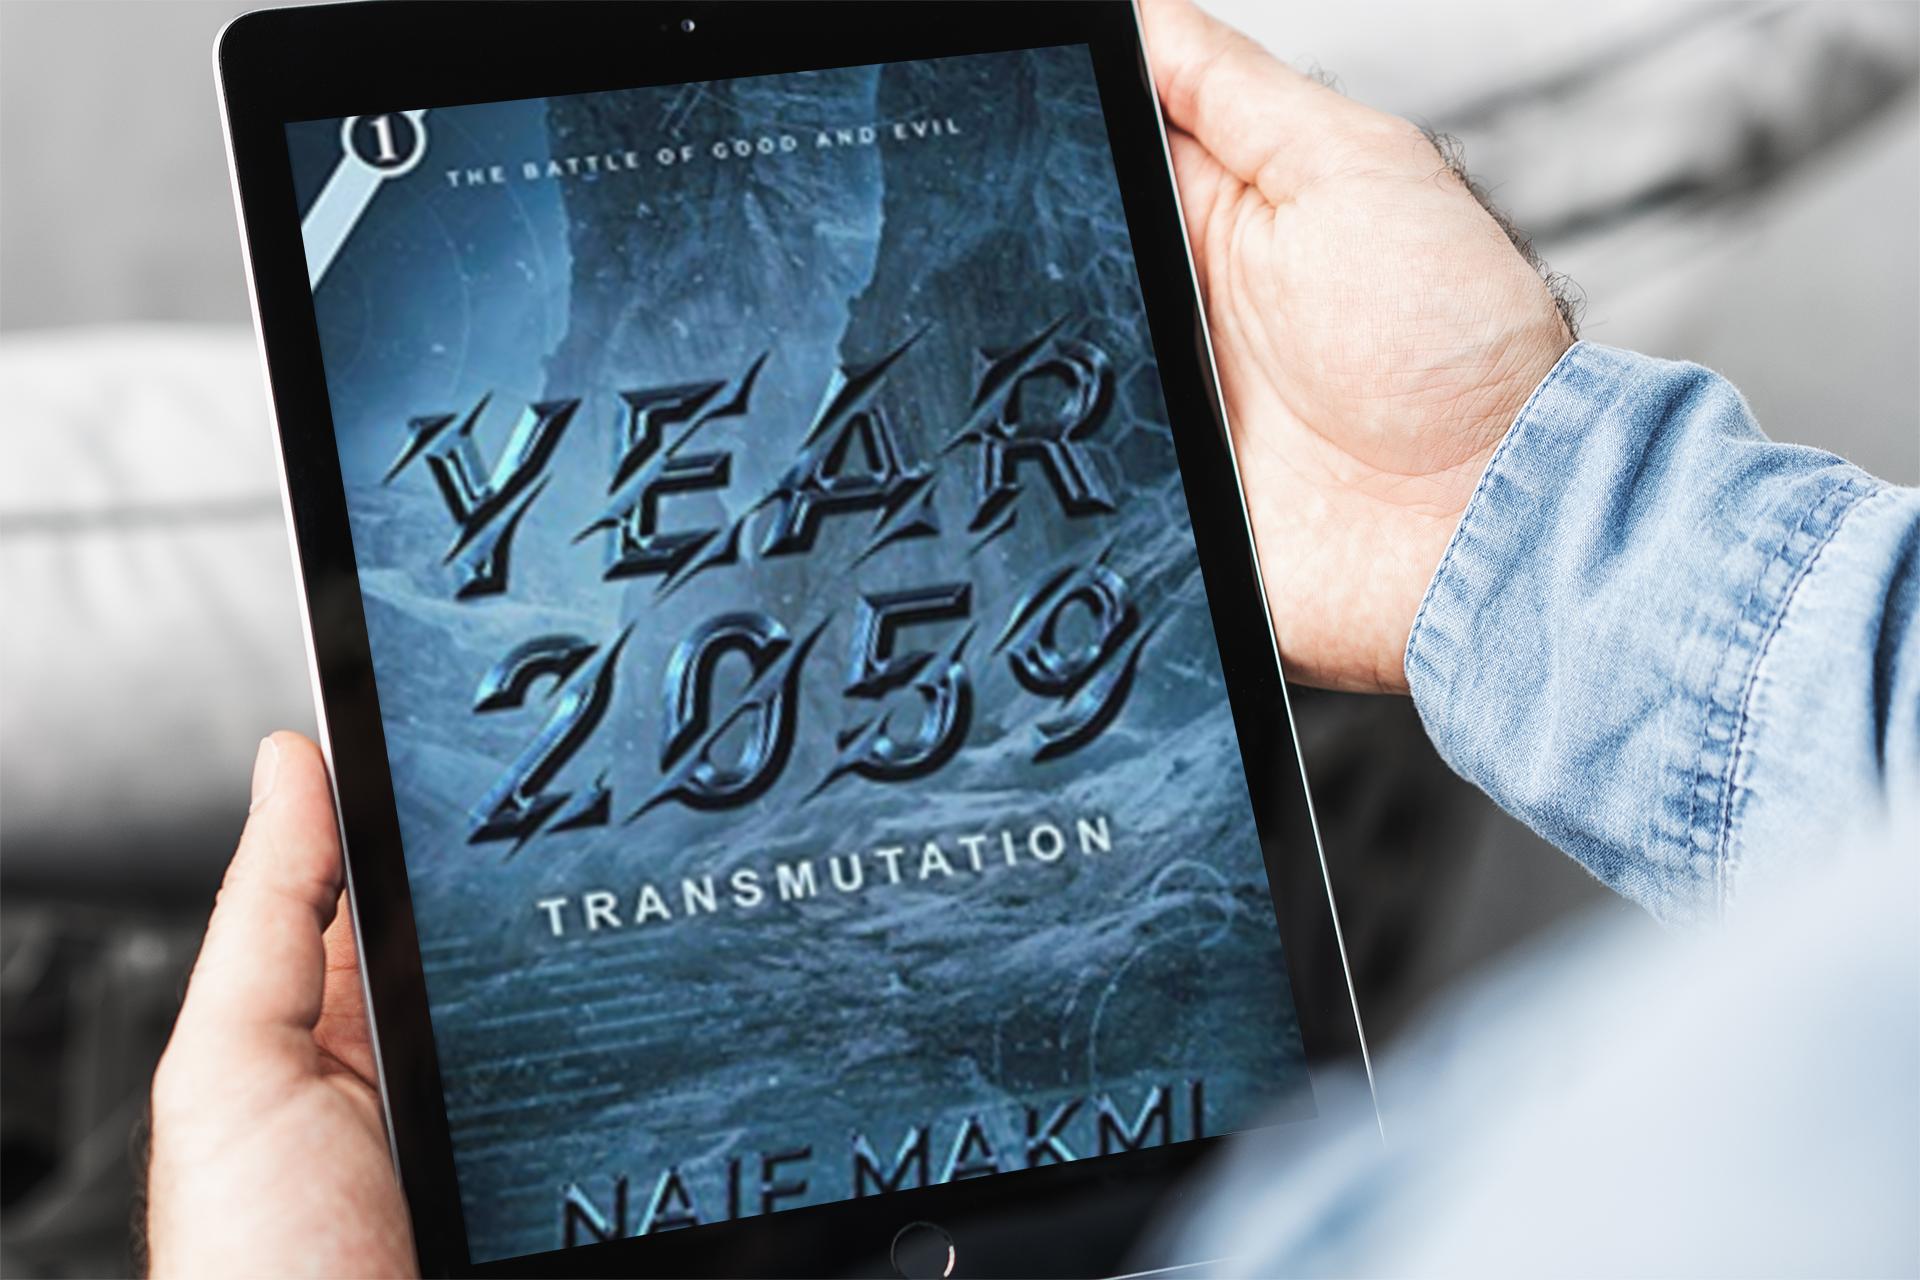 Year 2059: Transmutation